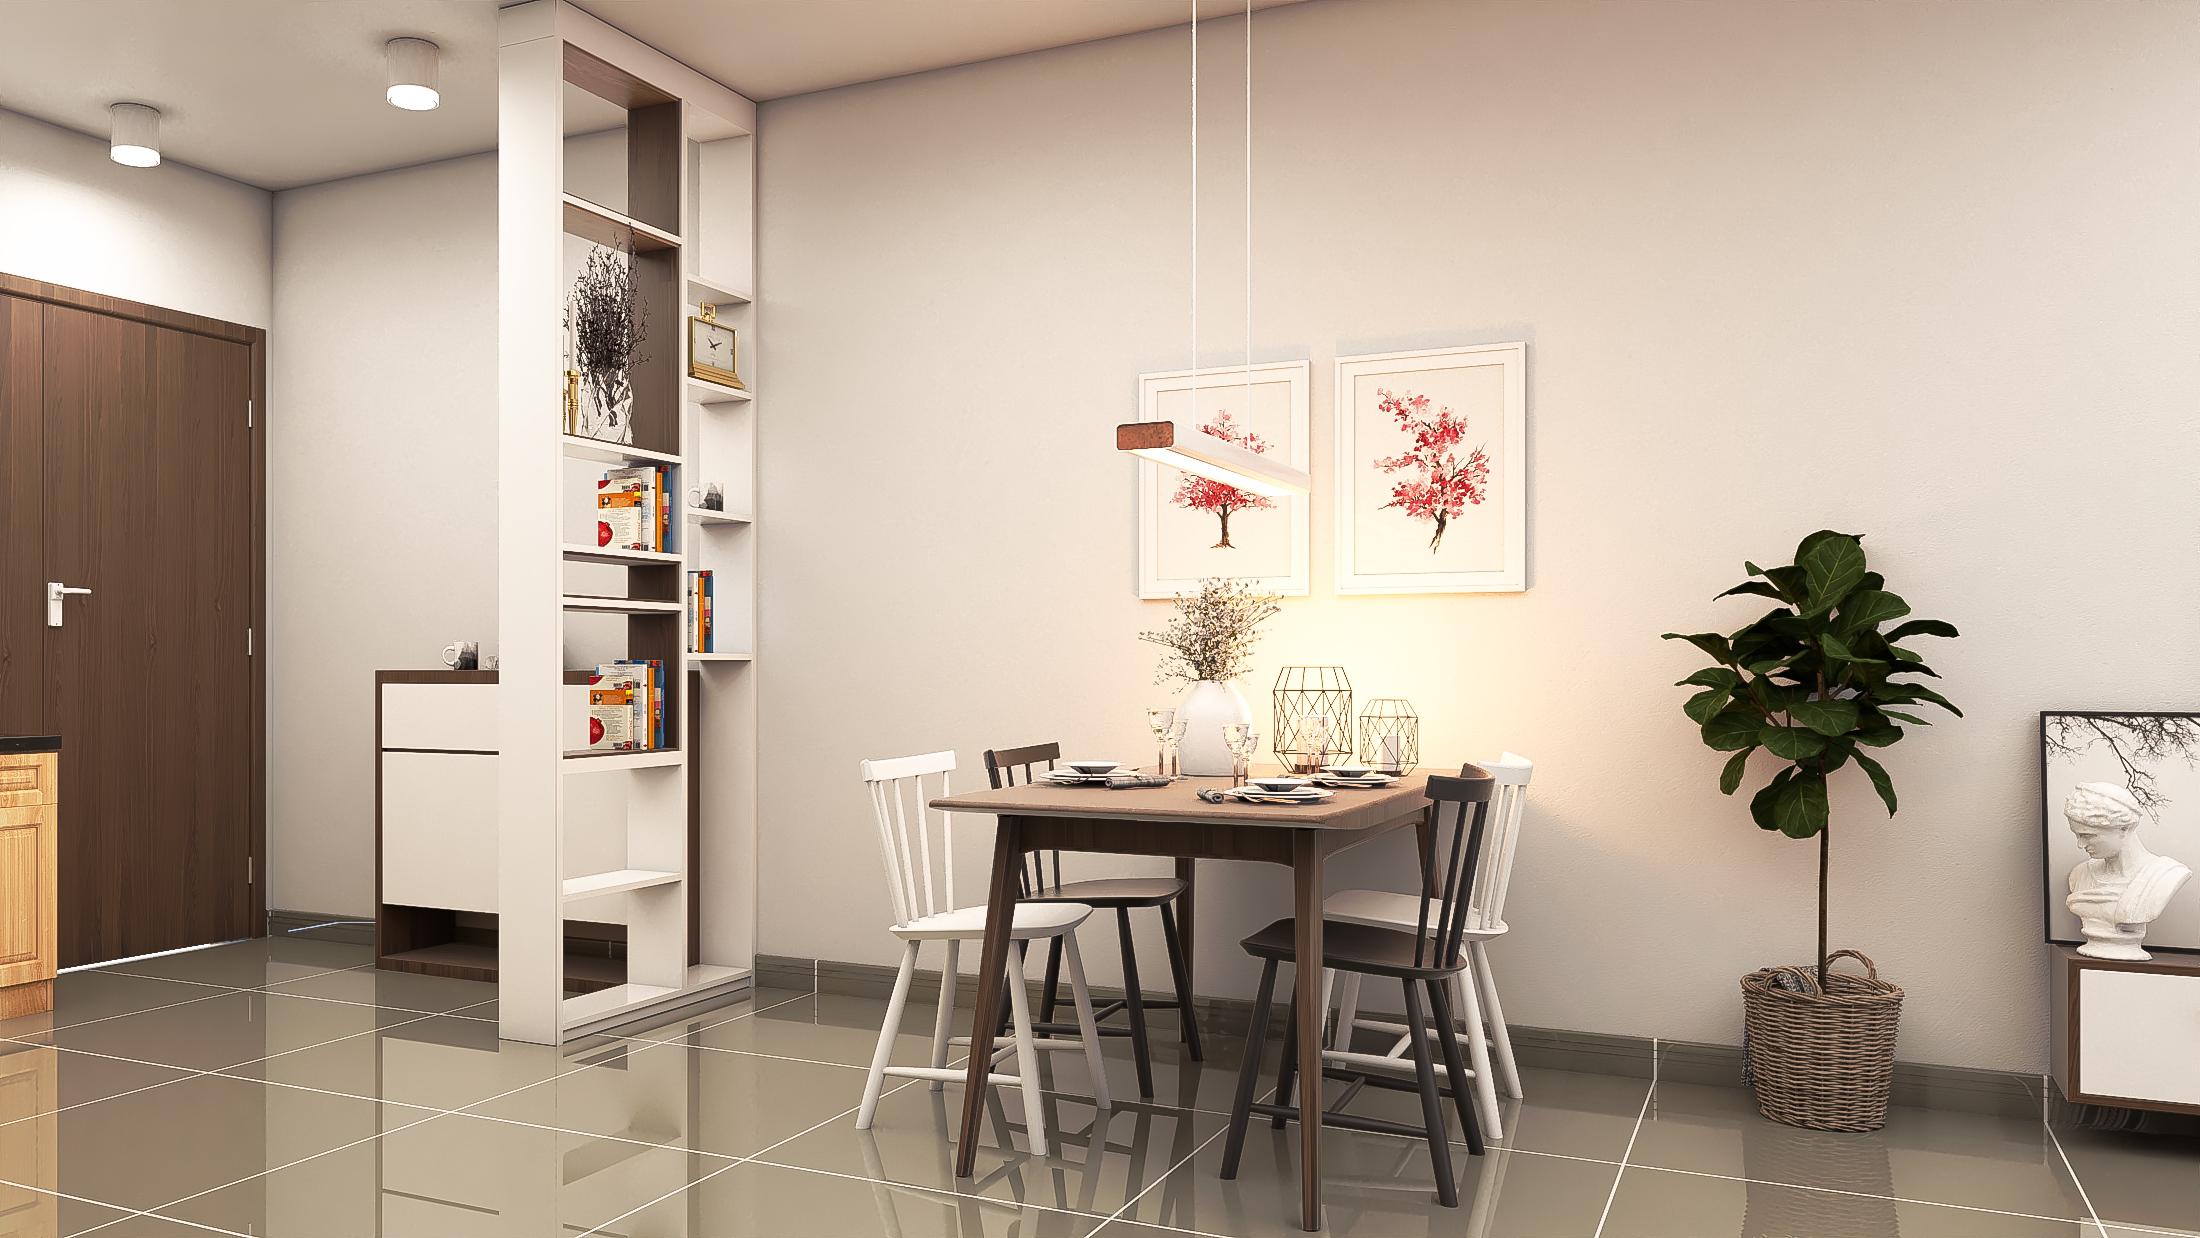 Thiết kế nội thất Chung Cư tại Hồ Chí Minh CĂN HỘ CHỊ TRÚC Q8 1576045380 8